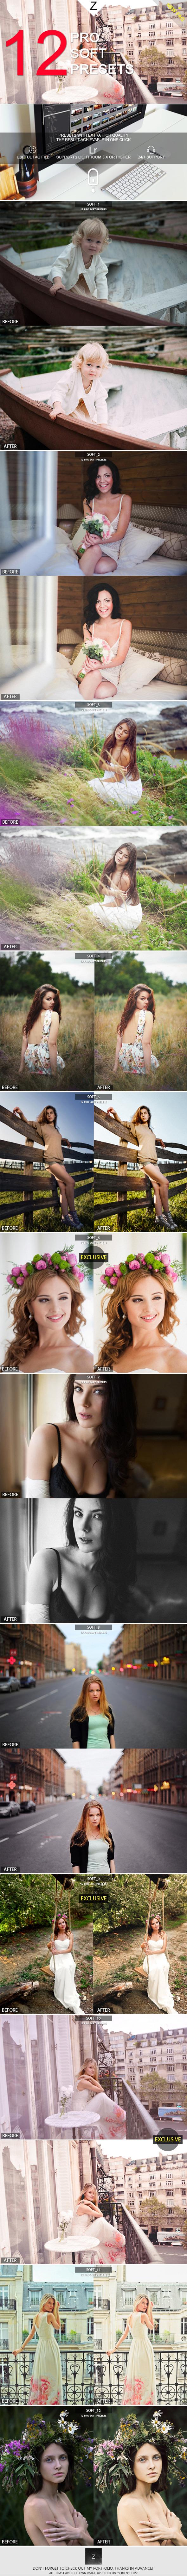 12 Pro Soft Presets - Portrait Lightroom Presets